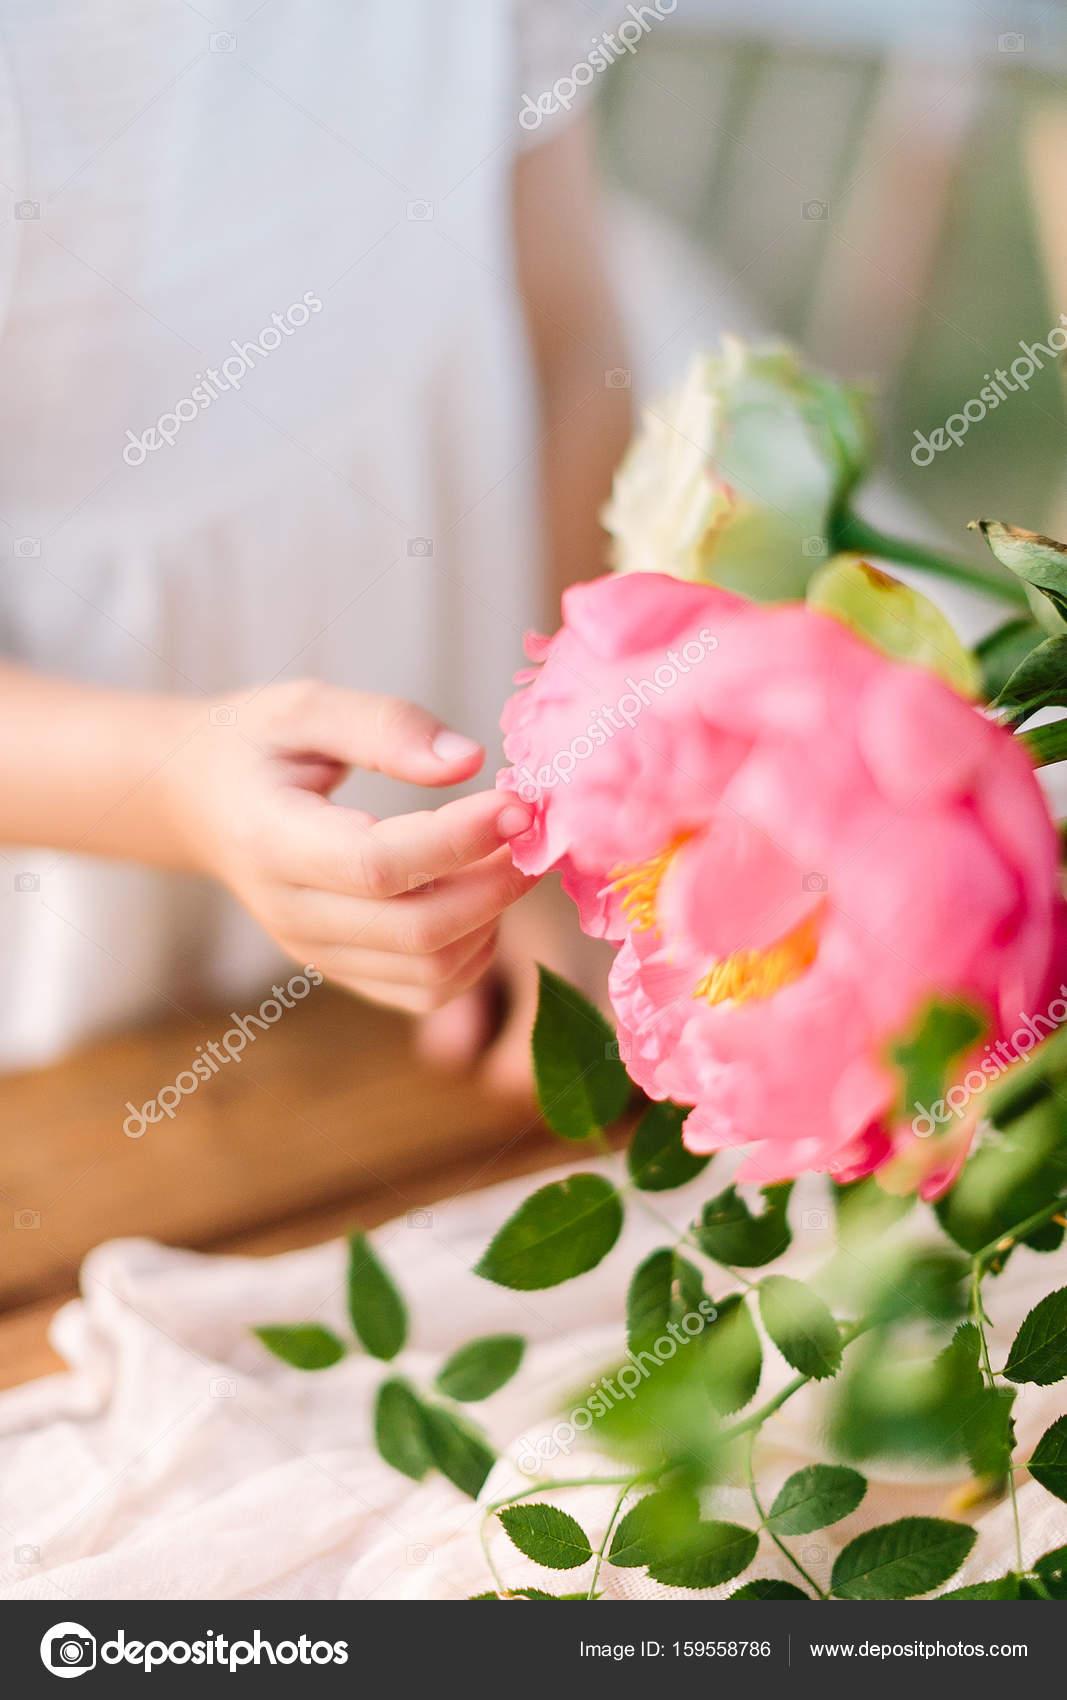 Kinderbetreuung, Florales Design, Feier, Hochzeit, Deko Konzept   Blätter  Kleine Weiche Hand Des Mädchens Im Weißen Kleid Berühren Großen Blühenden  Knospe ...